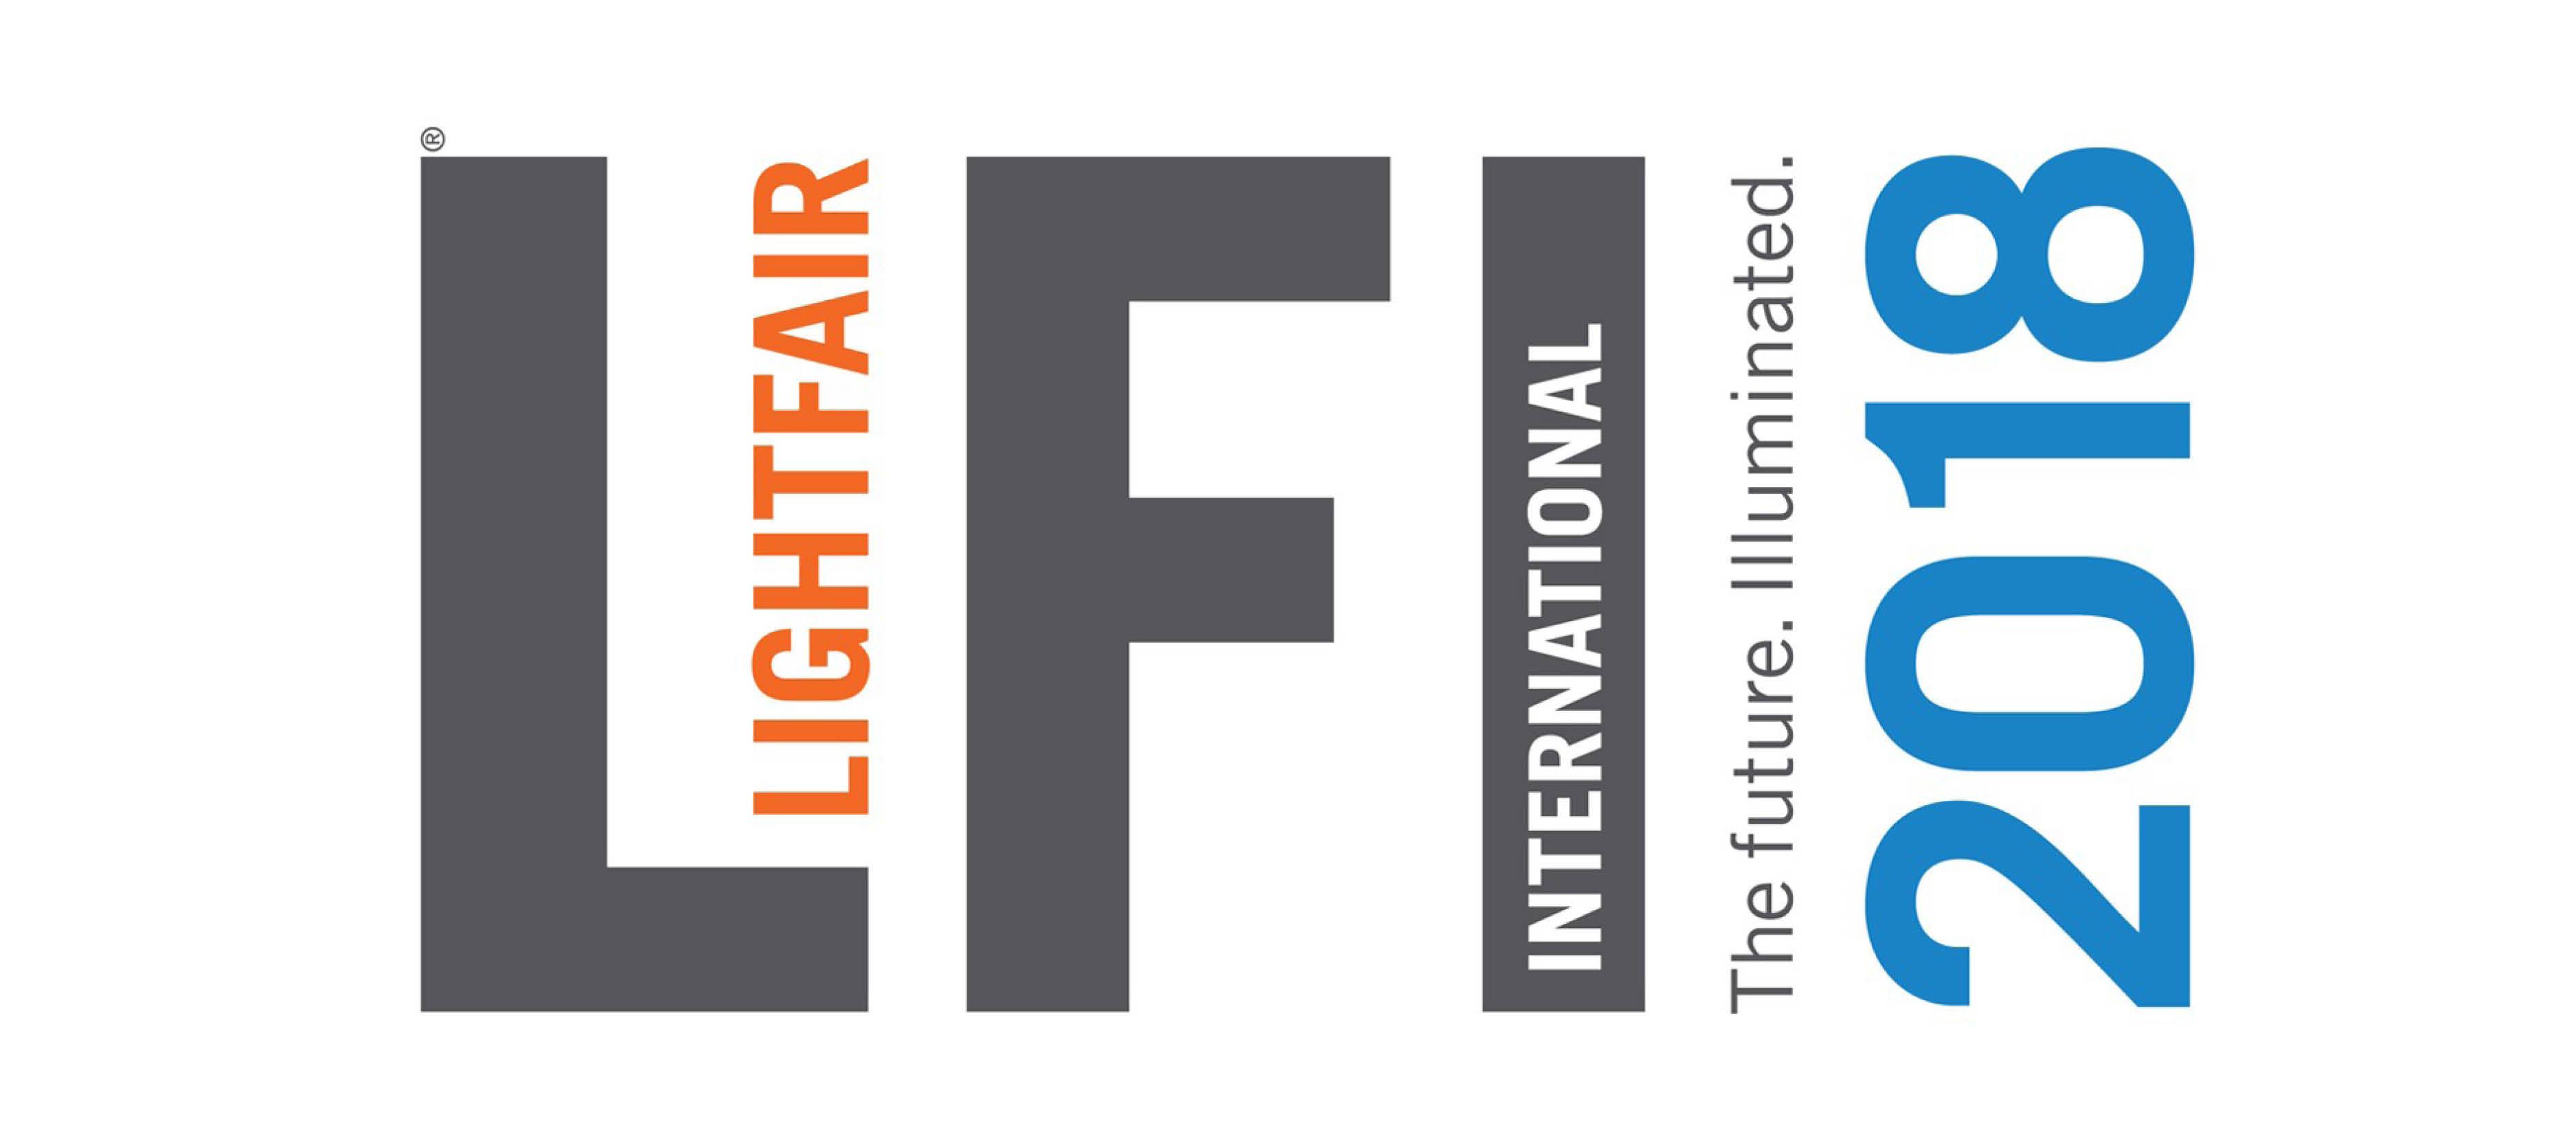 Lightfair 2018 logo.